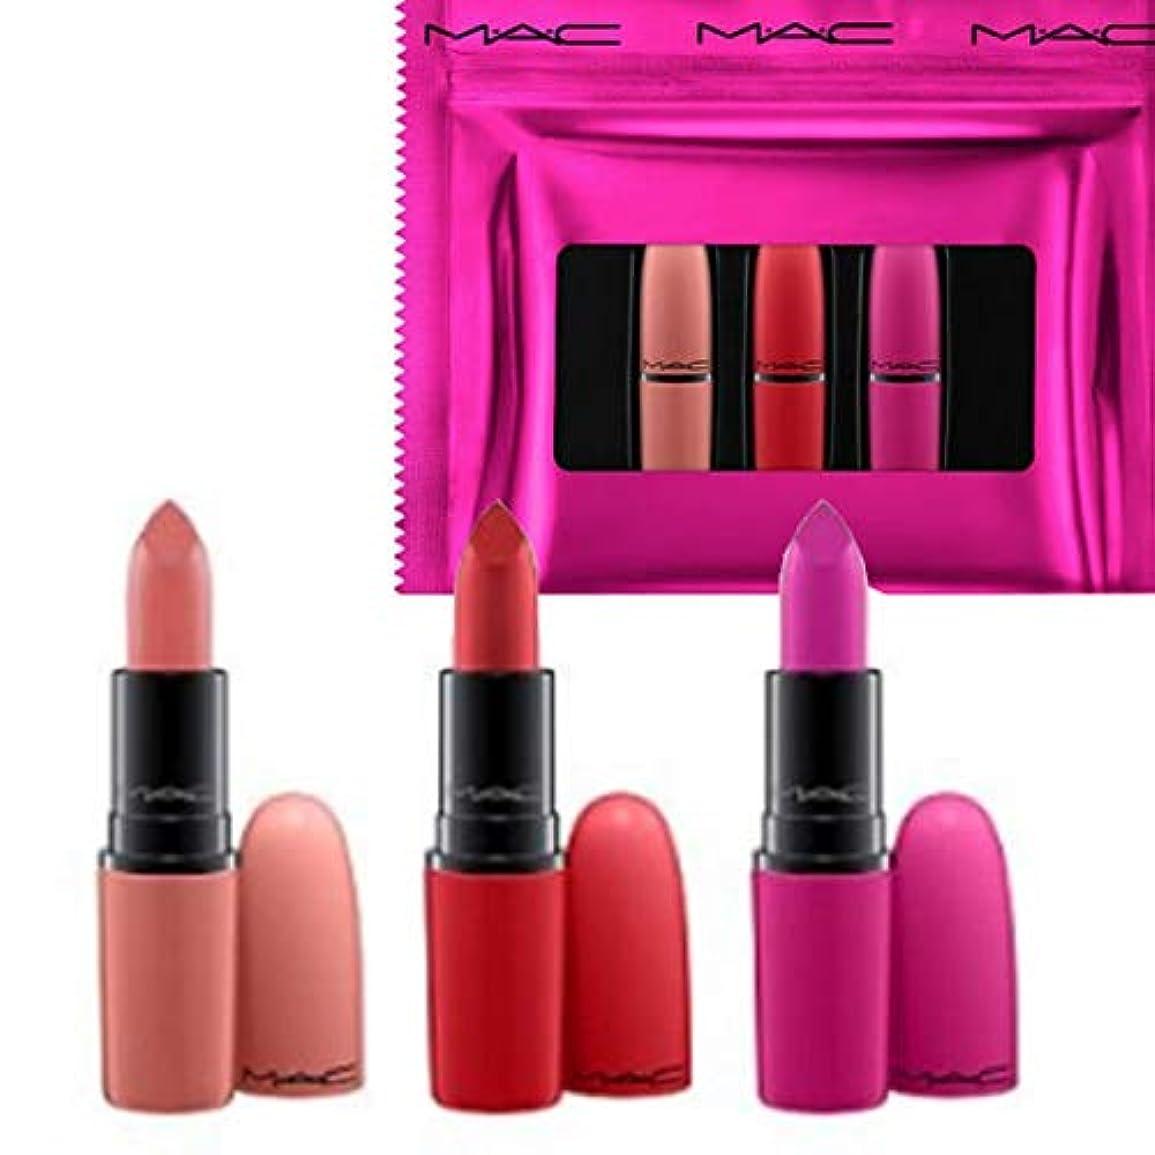 証明書相談エスカレーターM.A.C ?マック, Limited Edition 限定版, 3-Pc. Shiny Pretty Things Lip Set - Russian Red/Kinda Sexy/Flat Out Fabulous...